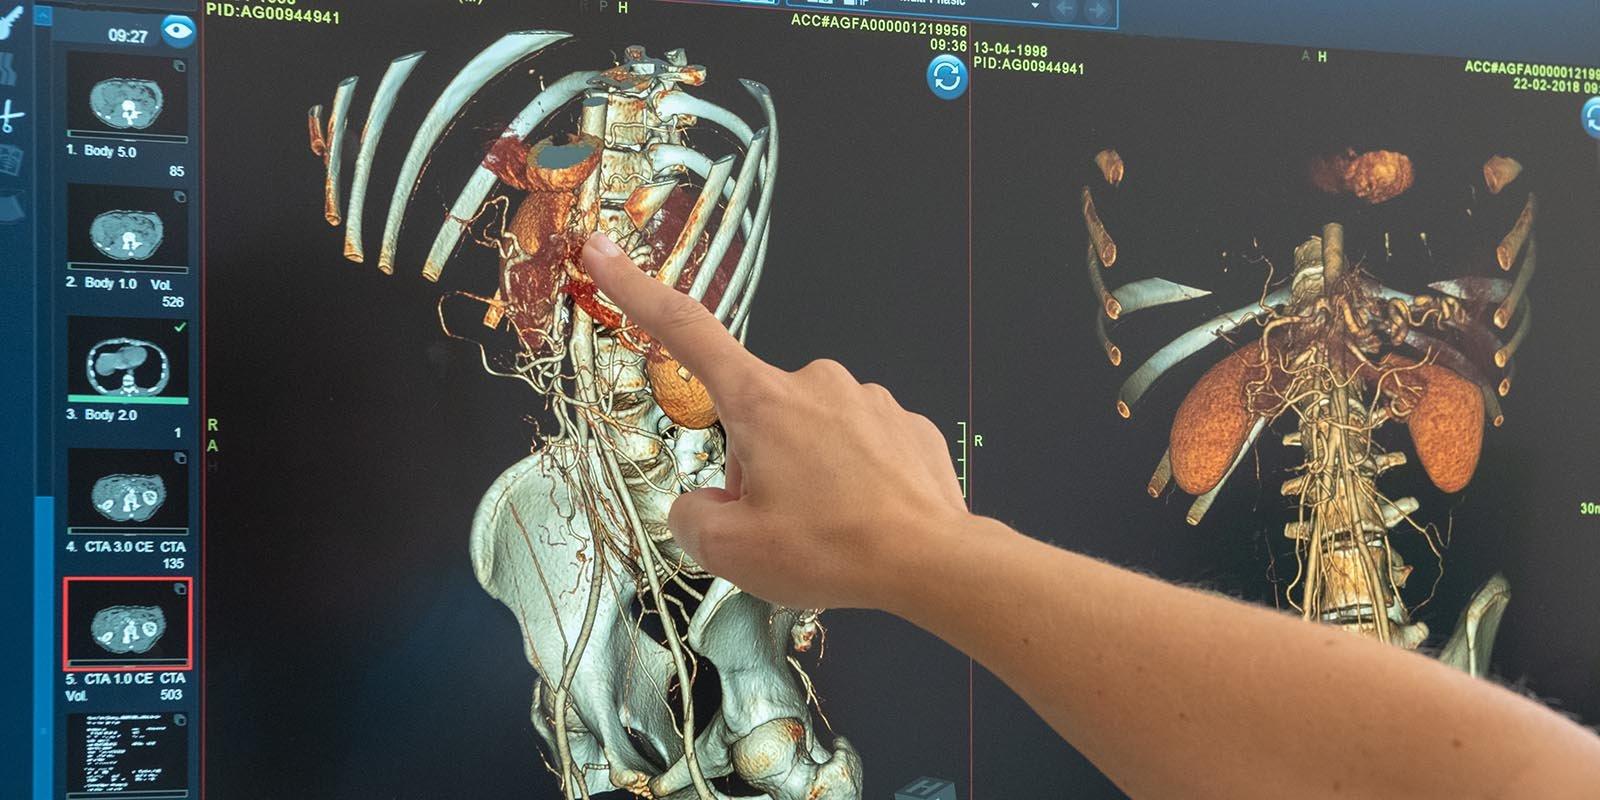 Точная диагностика и высокие технологии: как выявляют злокачественные образования